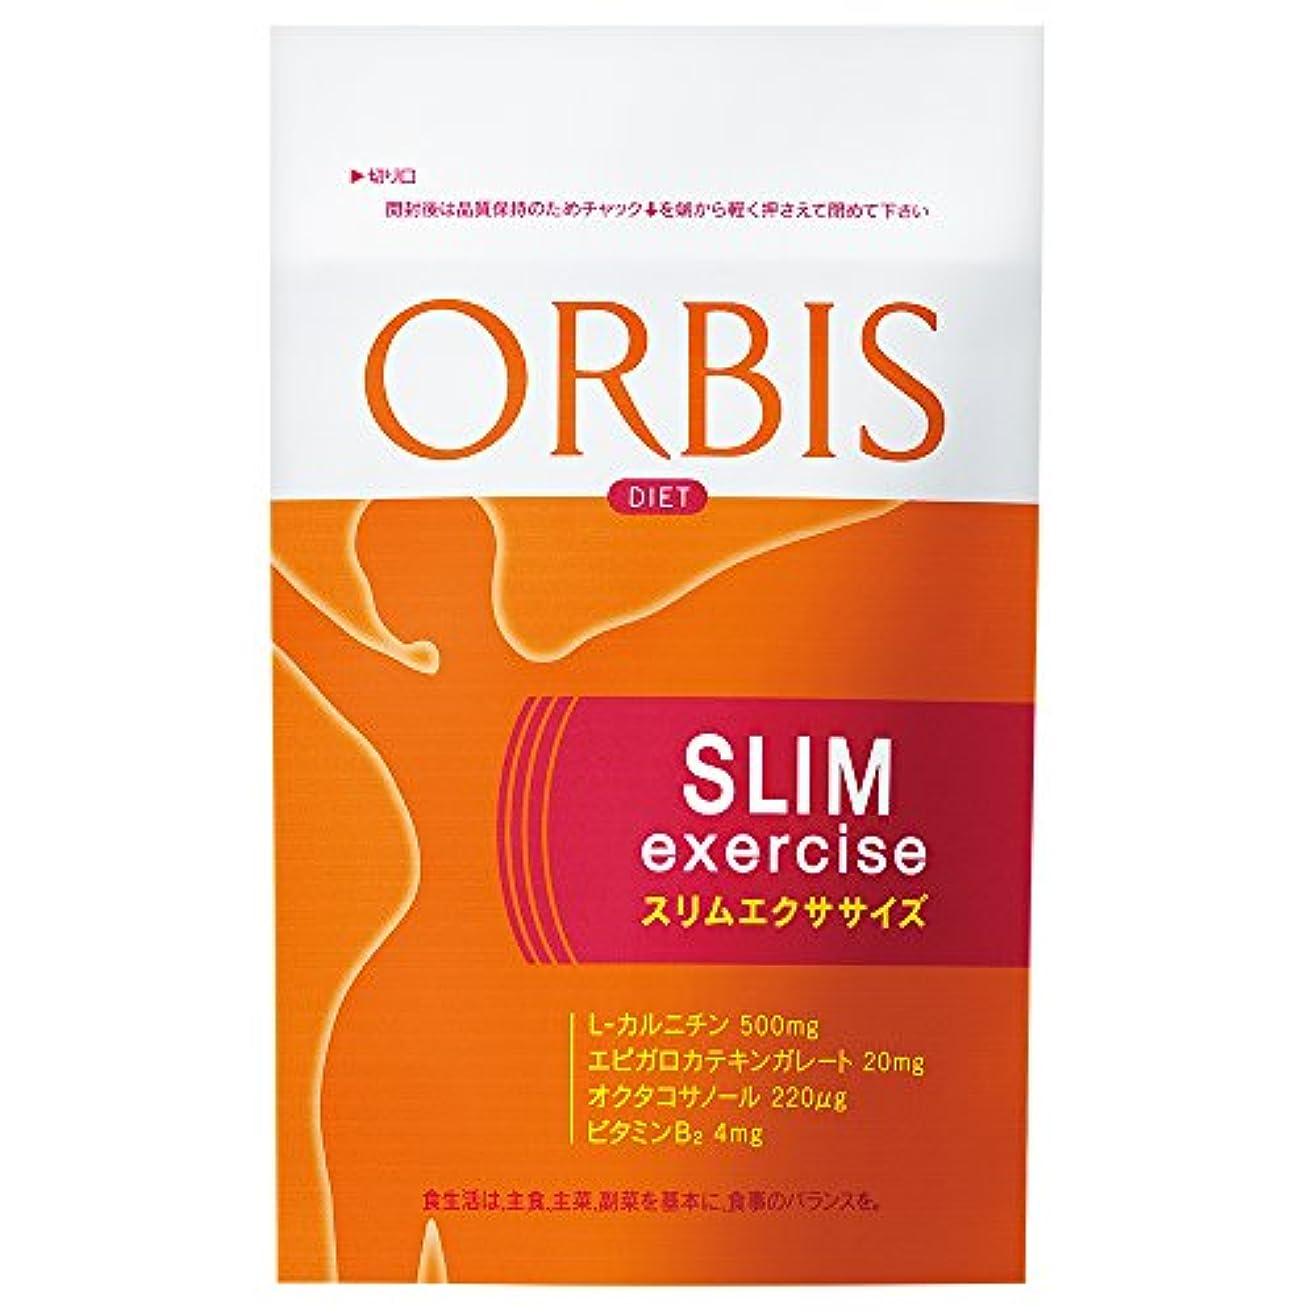 枝倉庫不機嫌オルビス(ORBIS) スリムエクササイズ 30日分(330mg×120粒) ◎ダイエットサプリメント◎